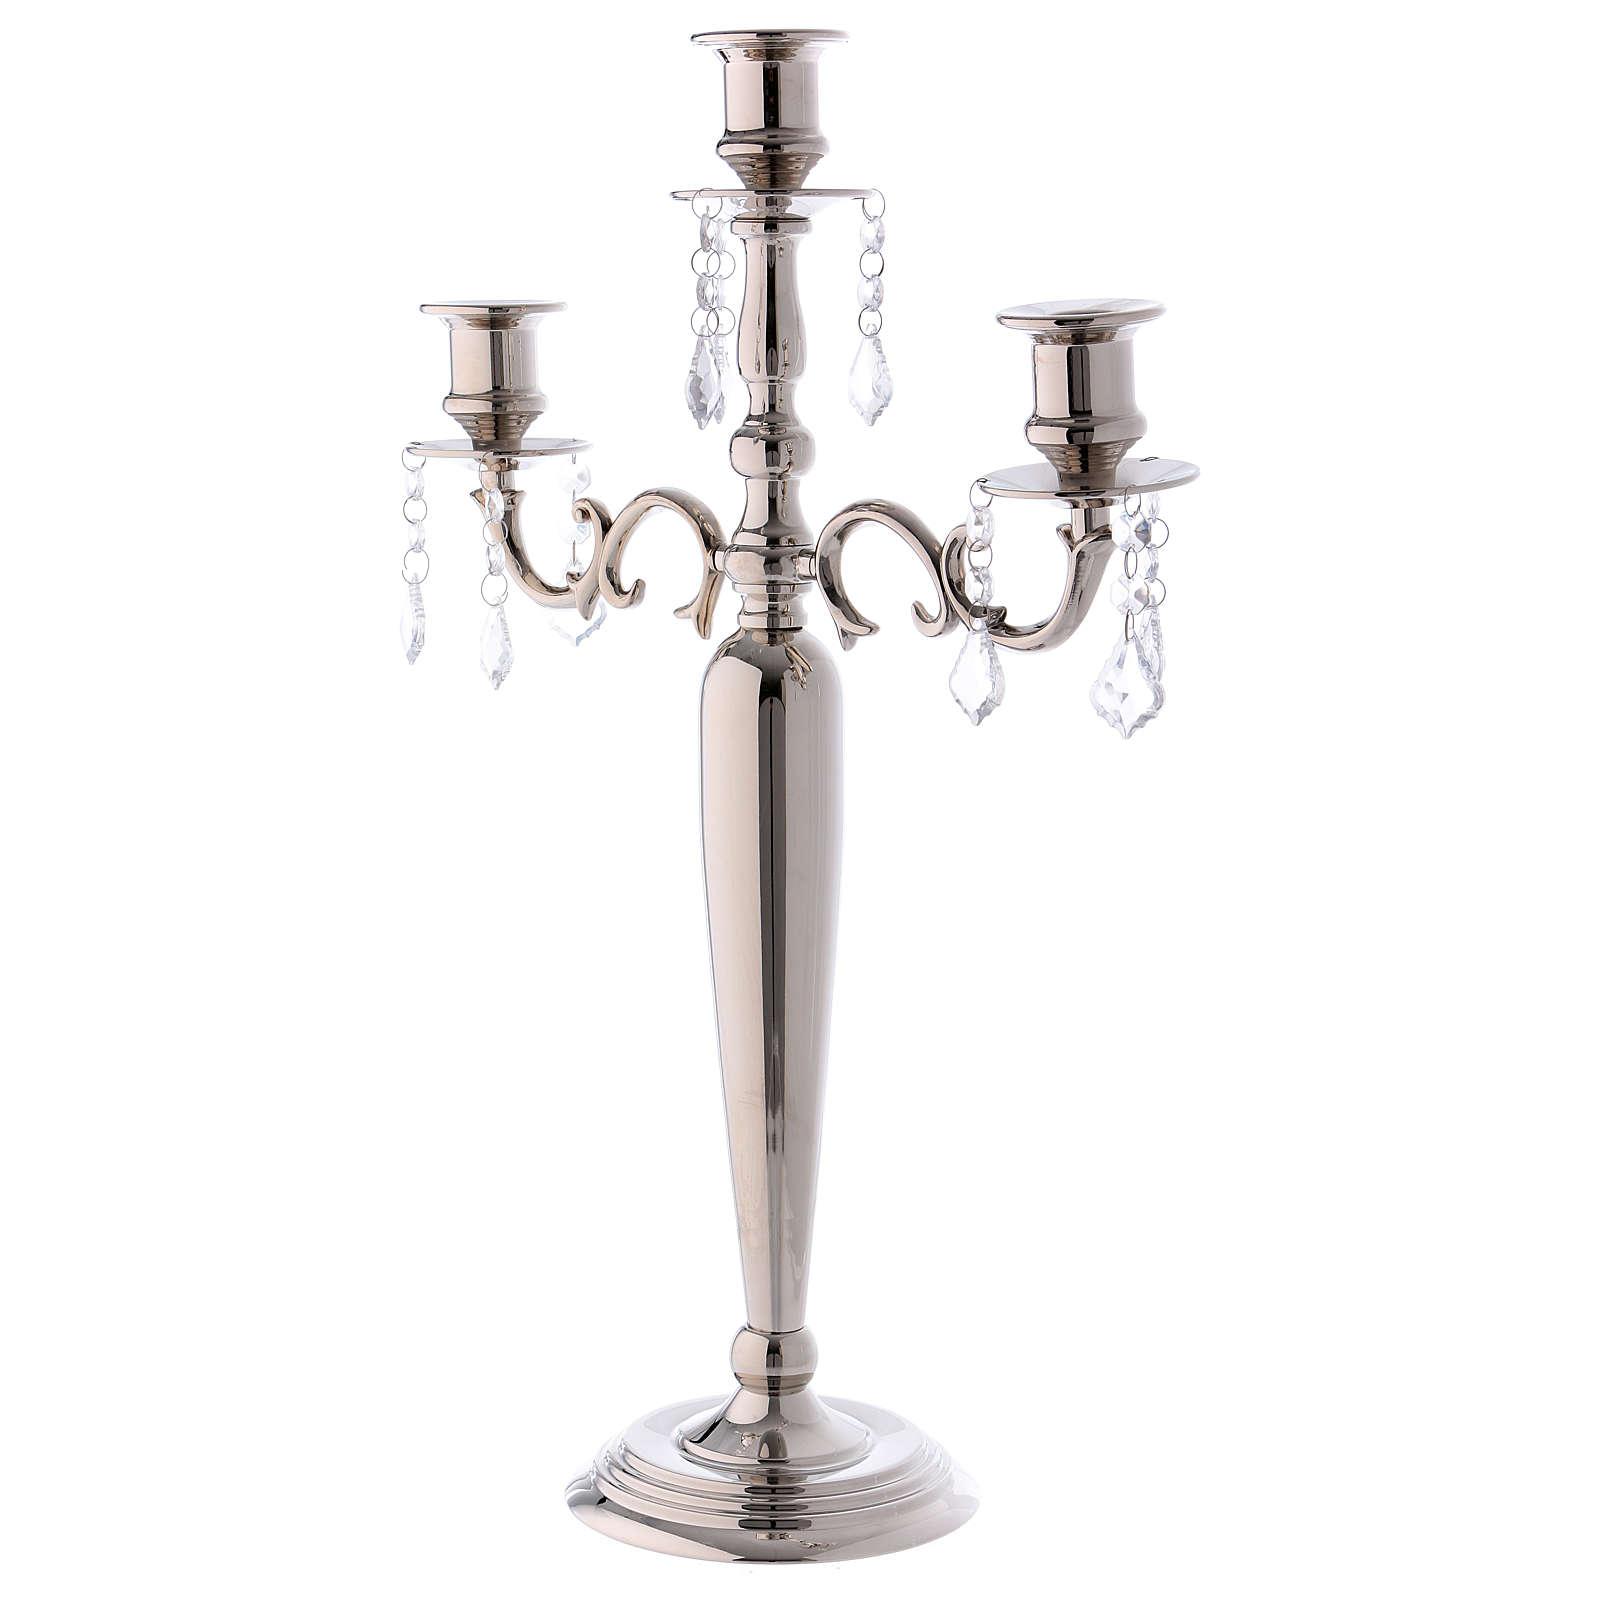 Kandelabr świecznik Nikel 3 ramiona śr. 38 cm h 55 cm 4